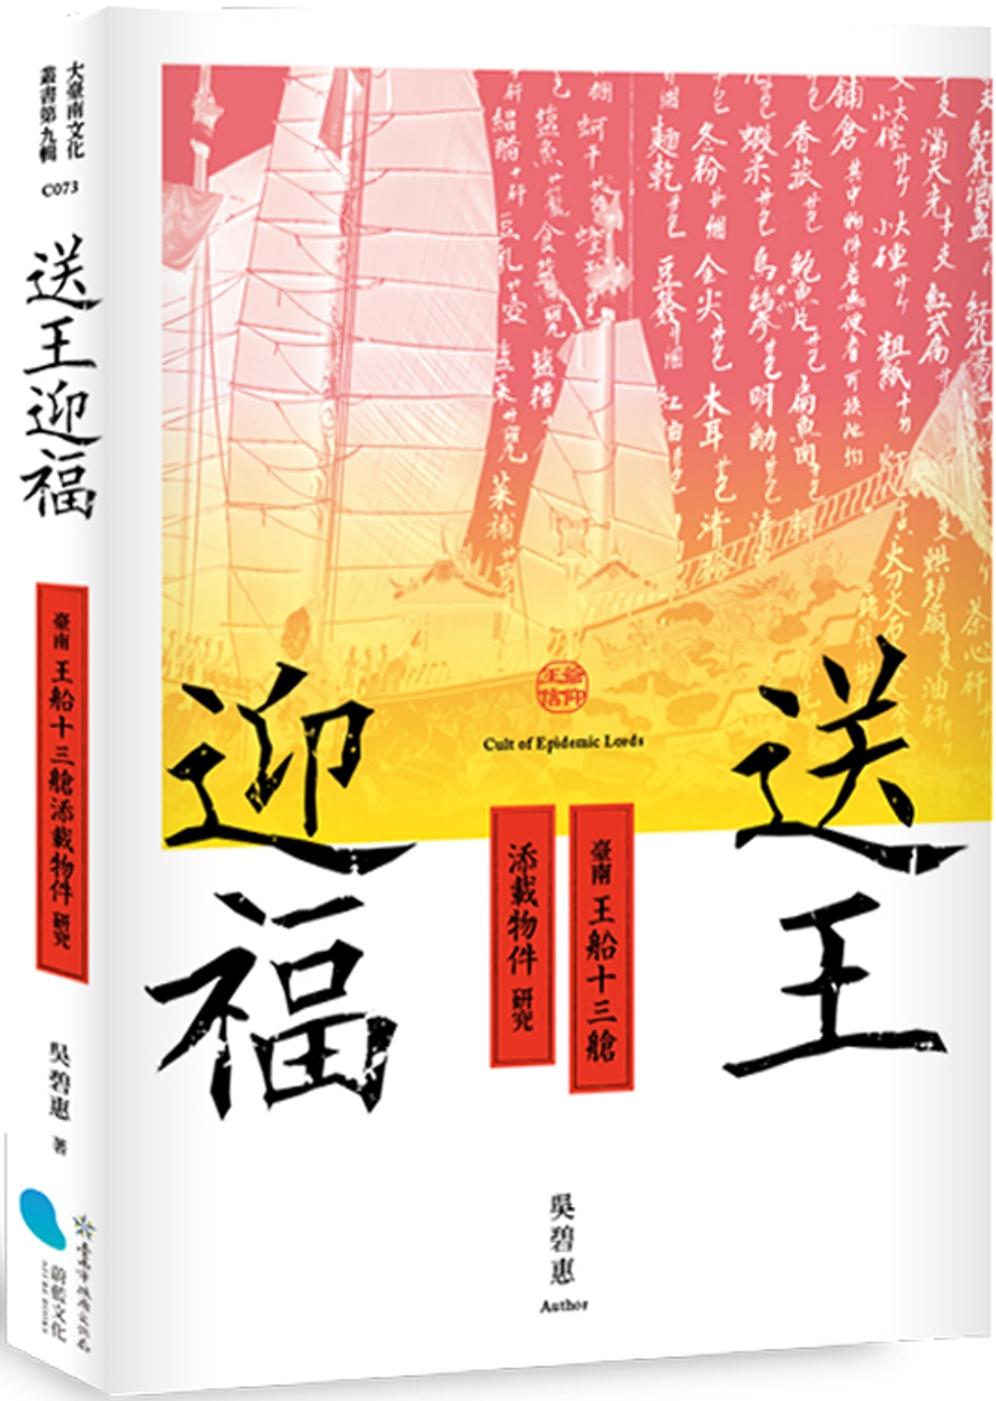 送王迎福:臺南王船十三艙添載物...